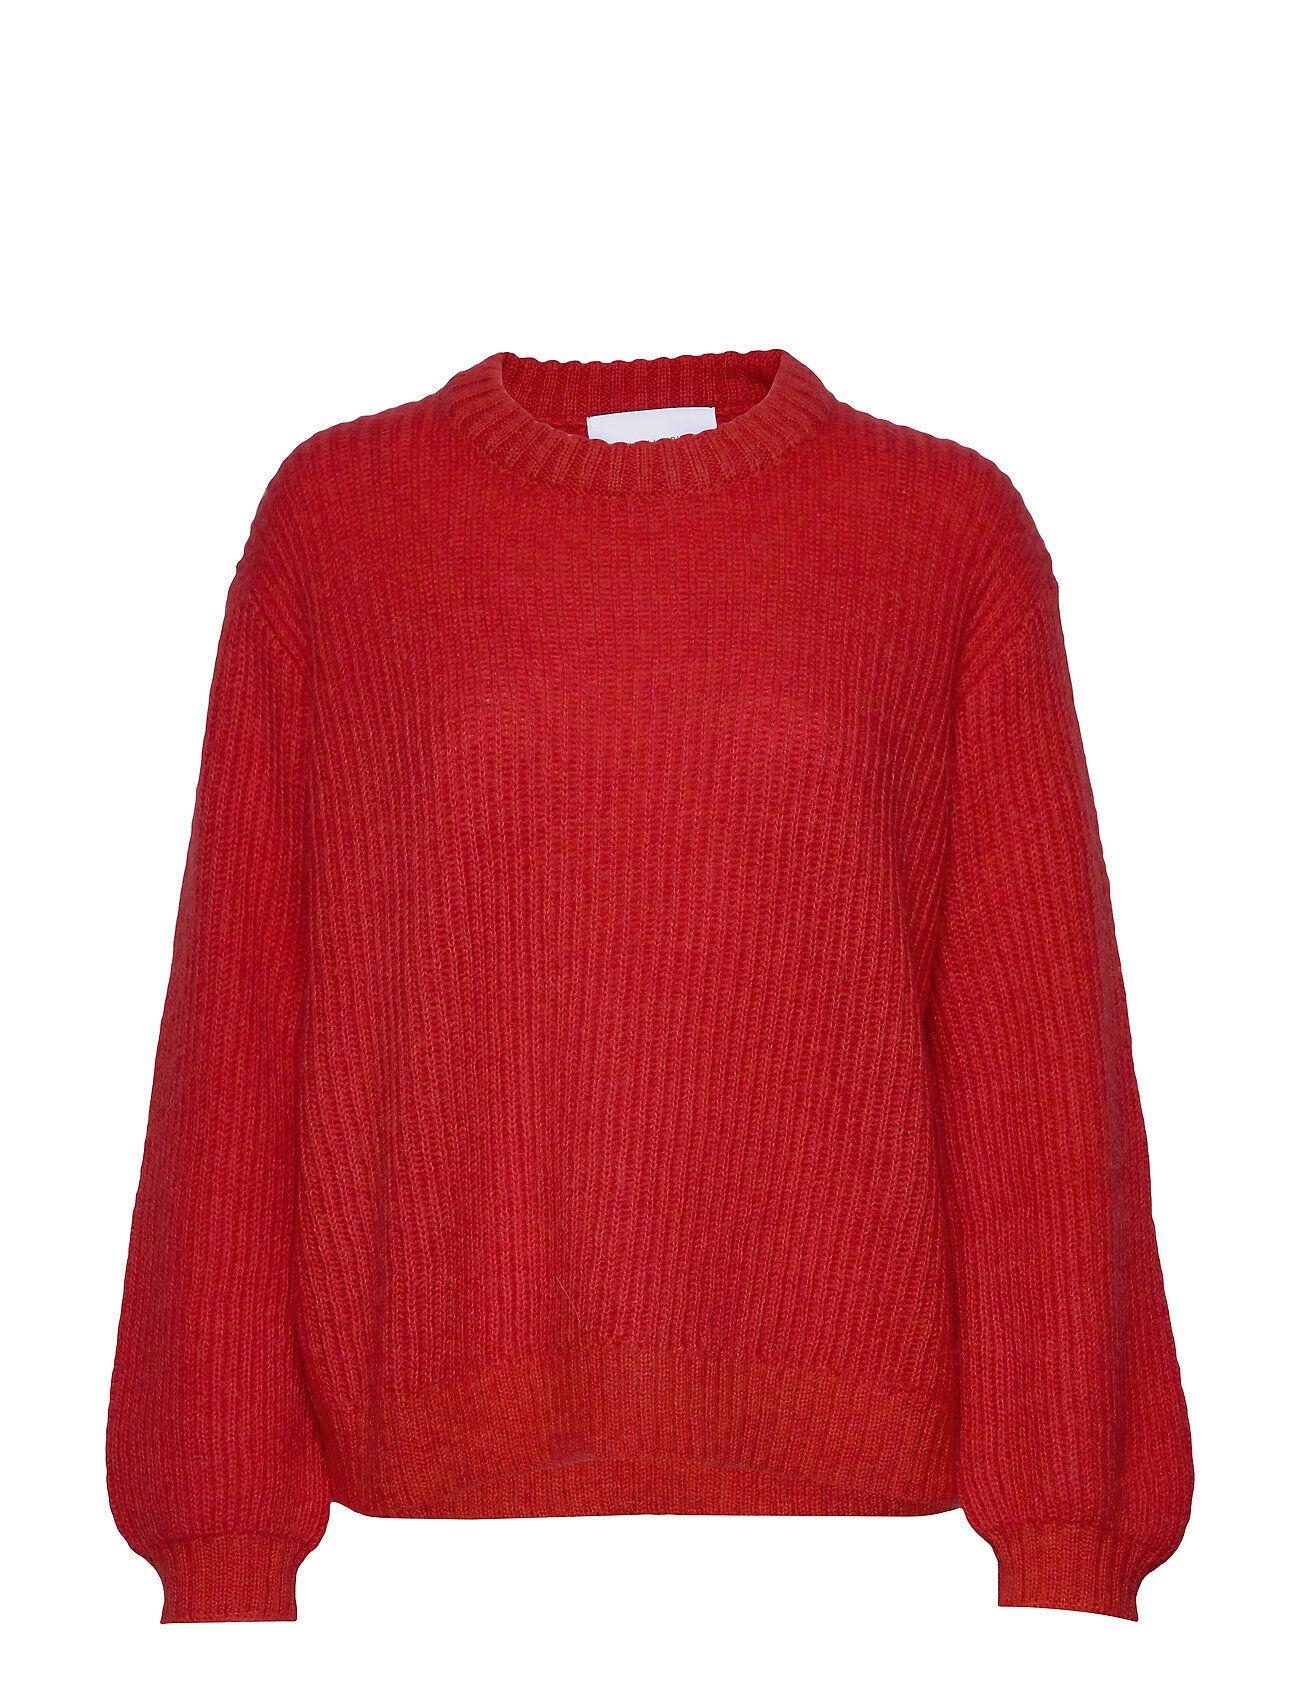 Camilla Pihl Madrid Sweater Neulepaita Punainen Camilla Pihl